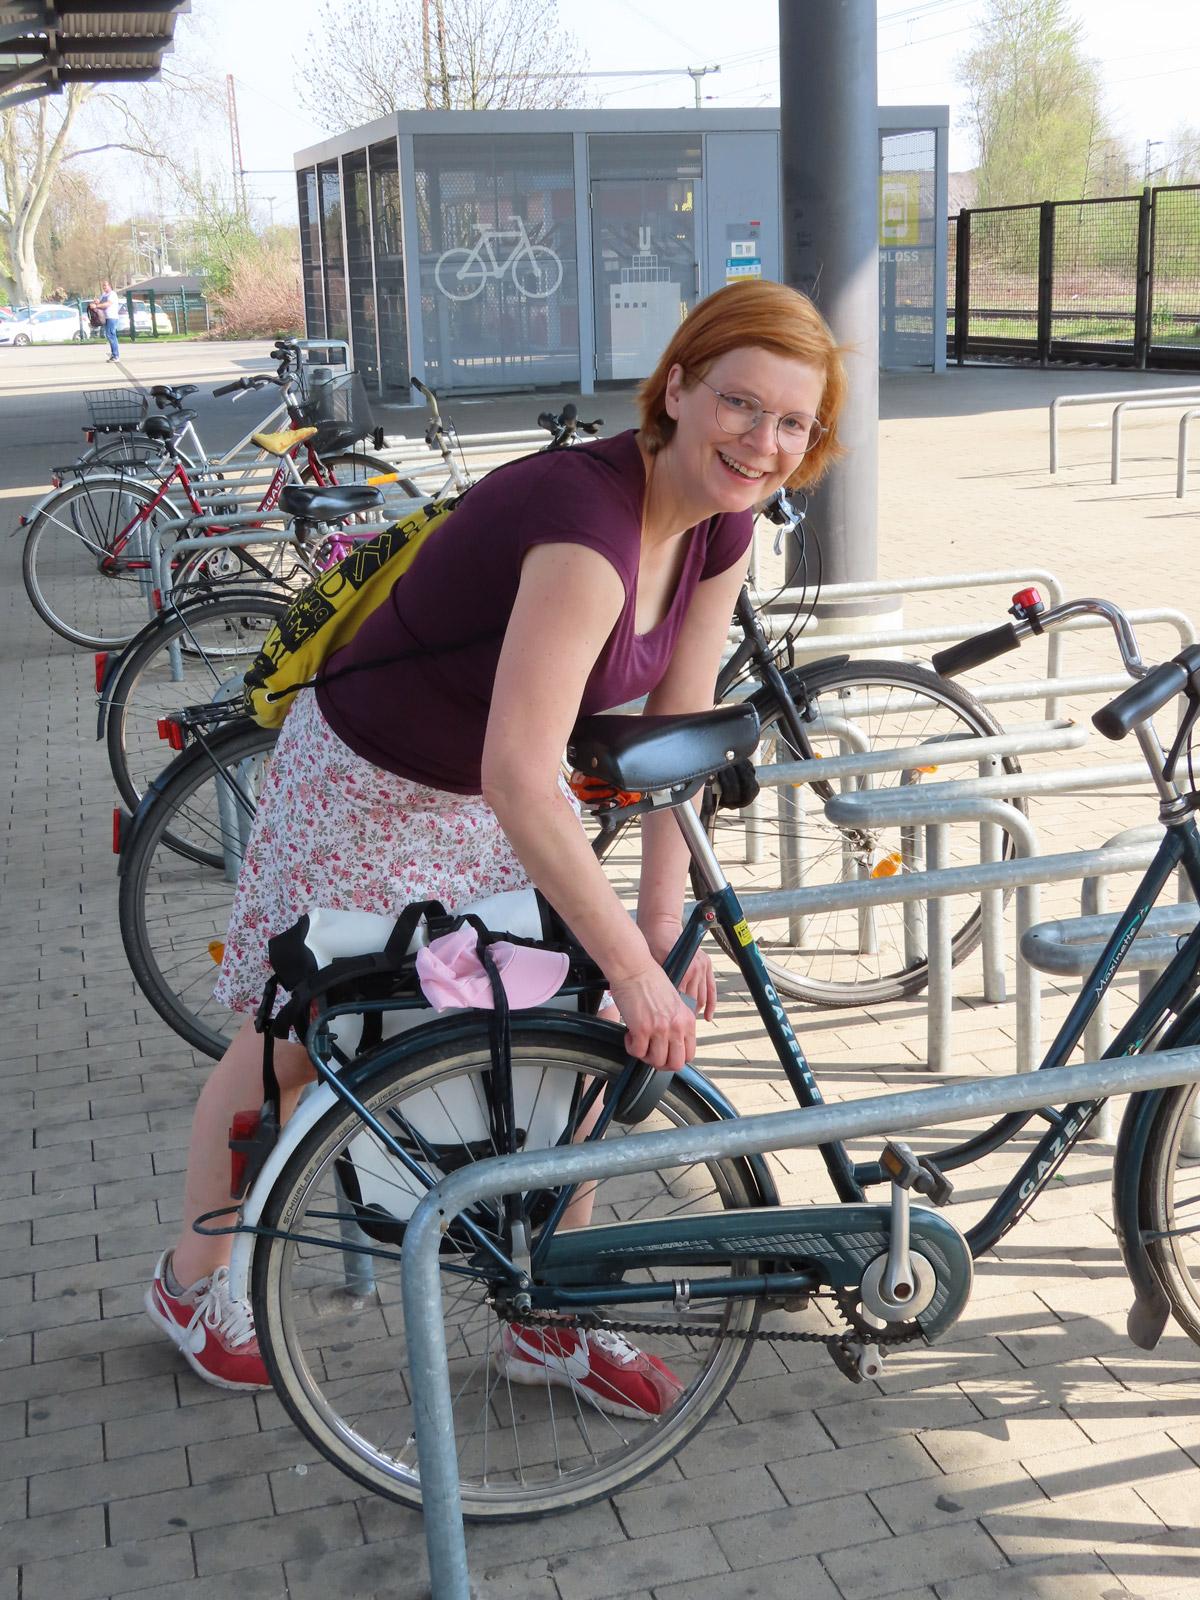 UmsteiGERN-Botschafterin Christine schließt ihr Rad an der Bike-and-Ride-Station ab